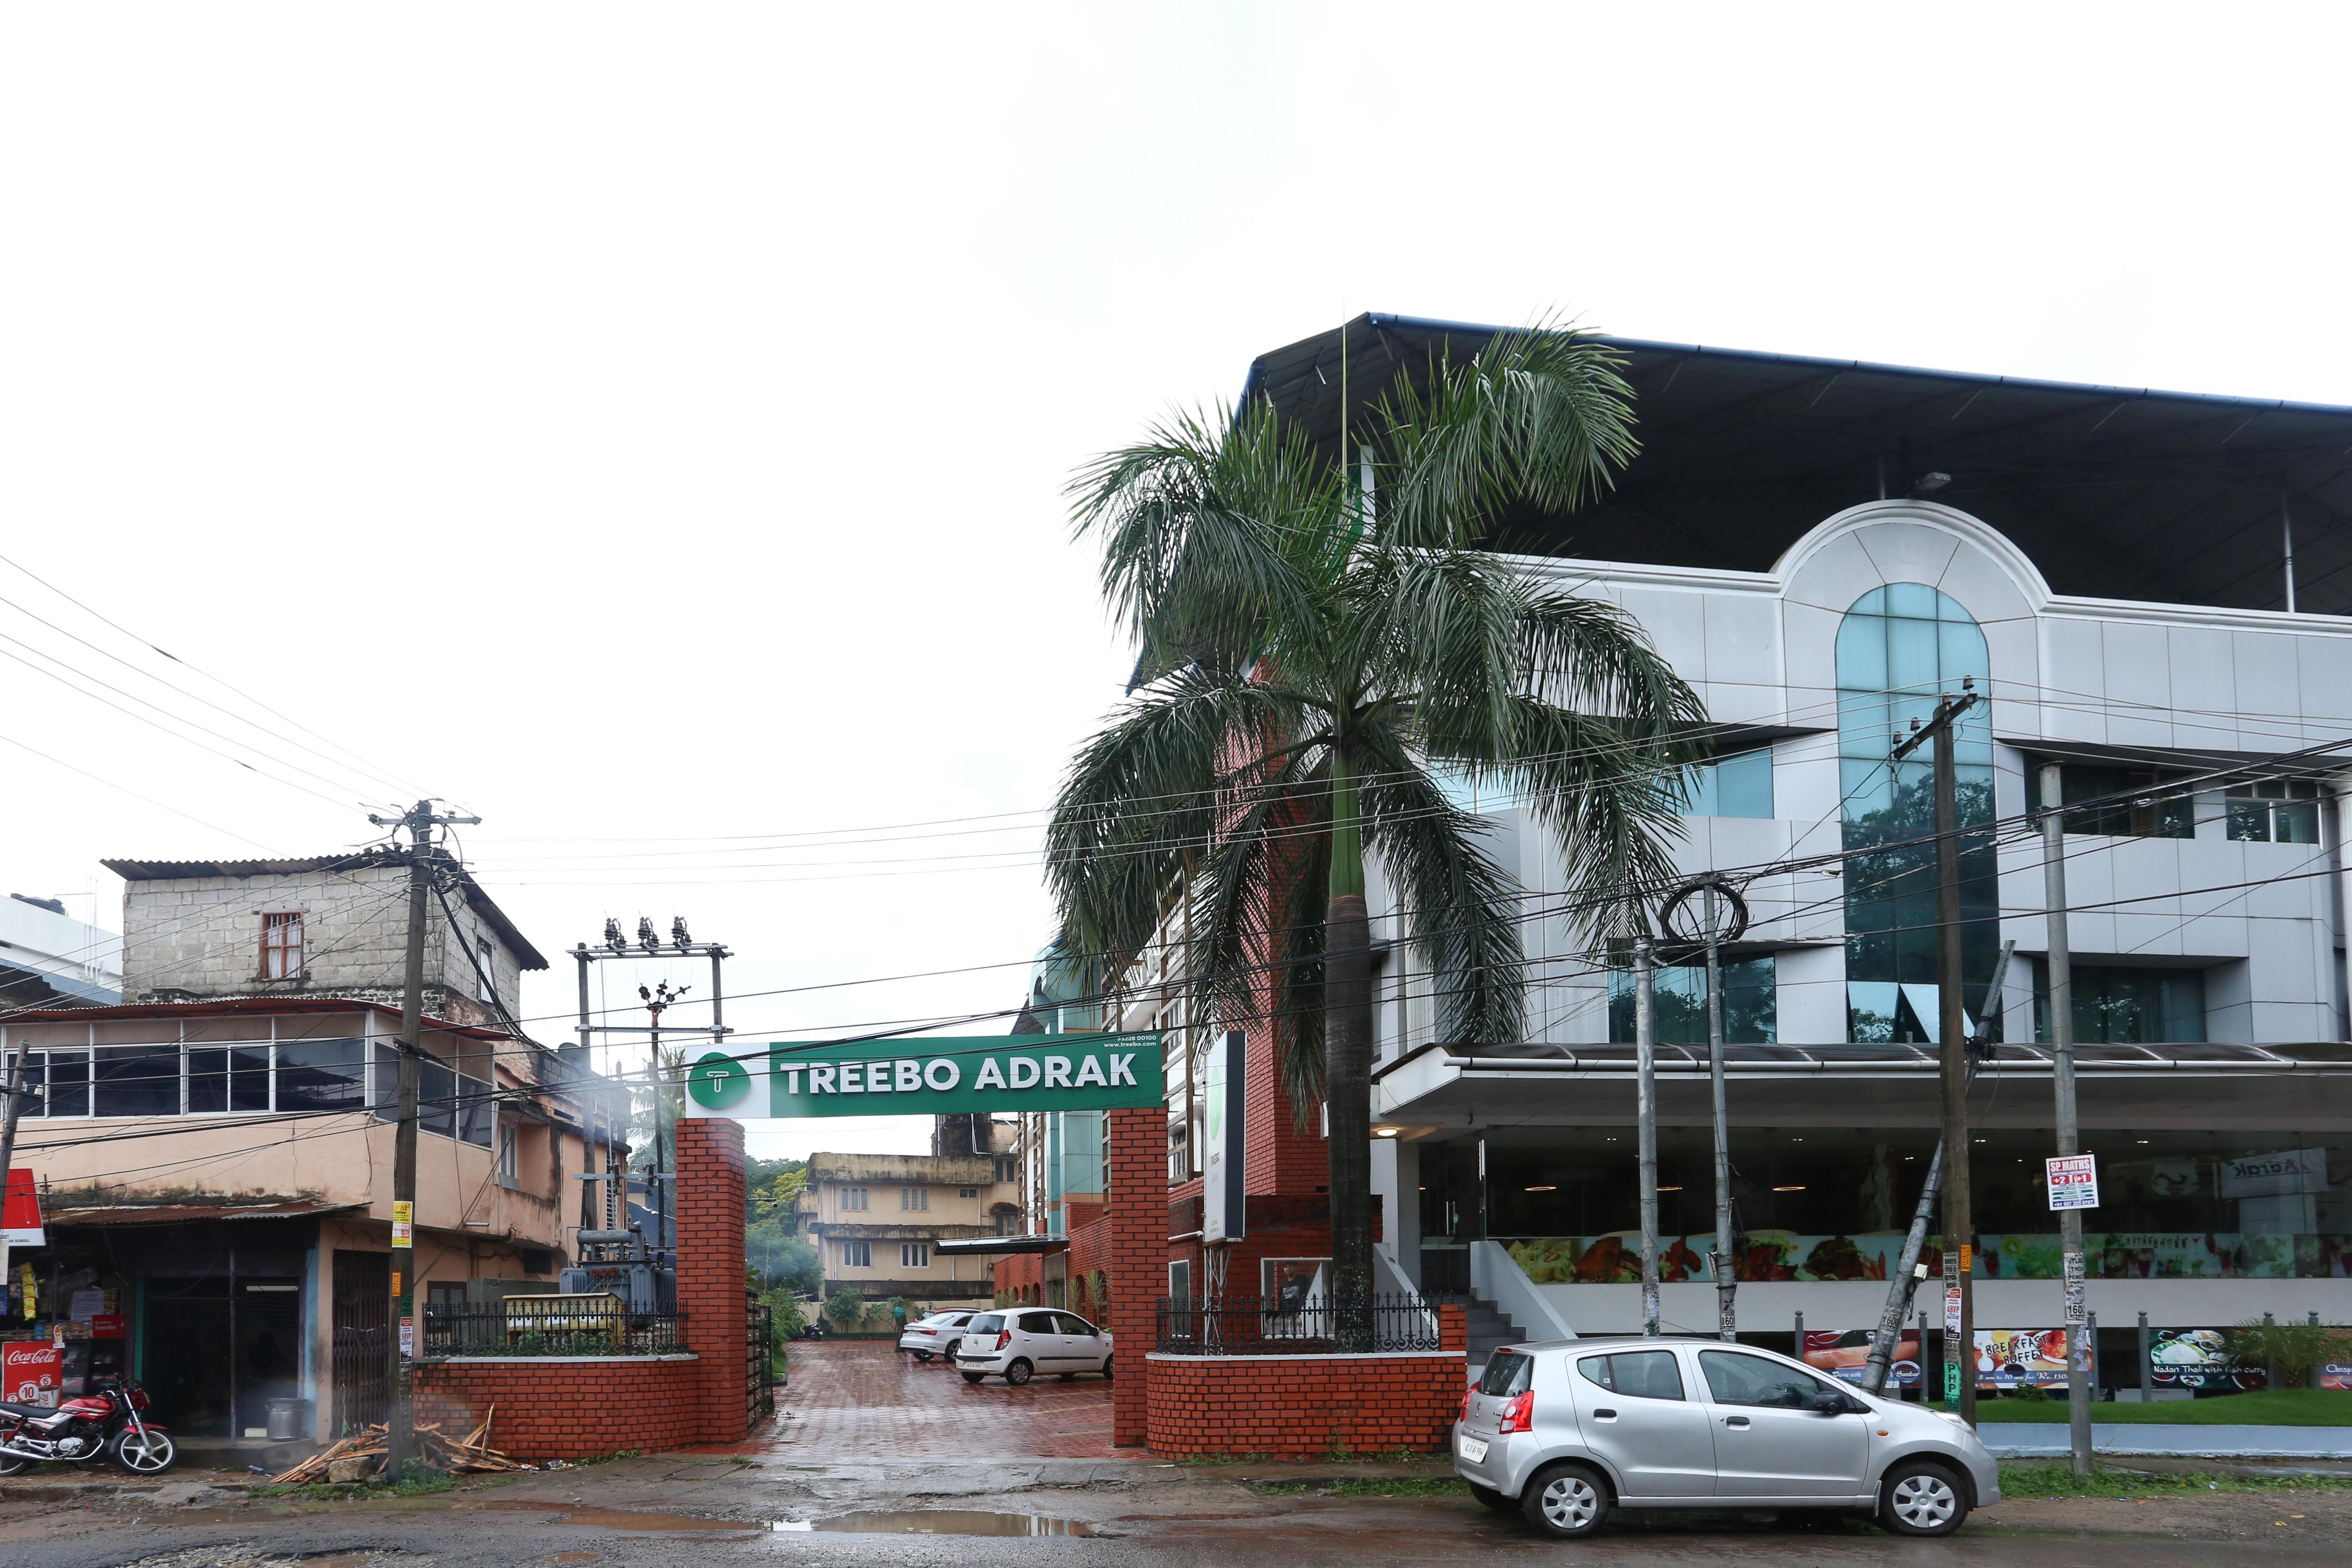 Treebo Adrak In Arapuram Thiruvananthapuram Lowest Price